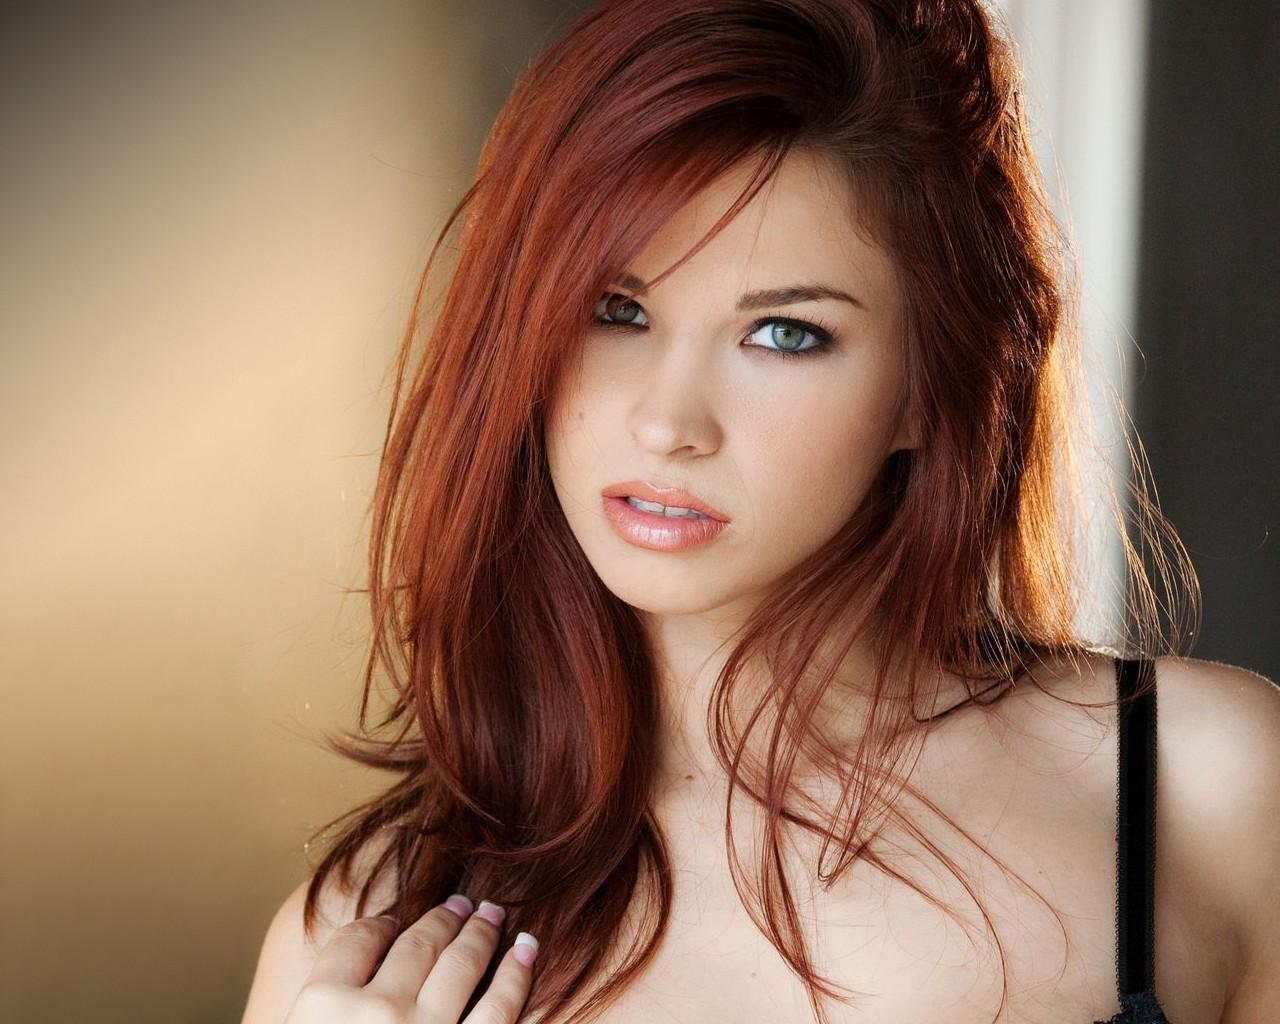 парню даже самые сексуальные девушки это рыжеволосые и зеленоглазые сожалению, название видеоматериала